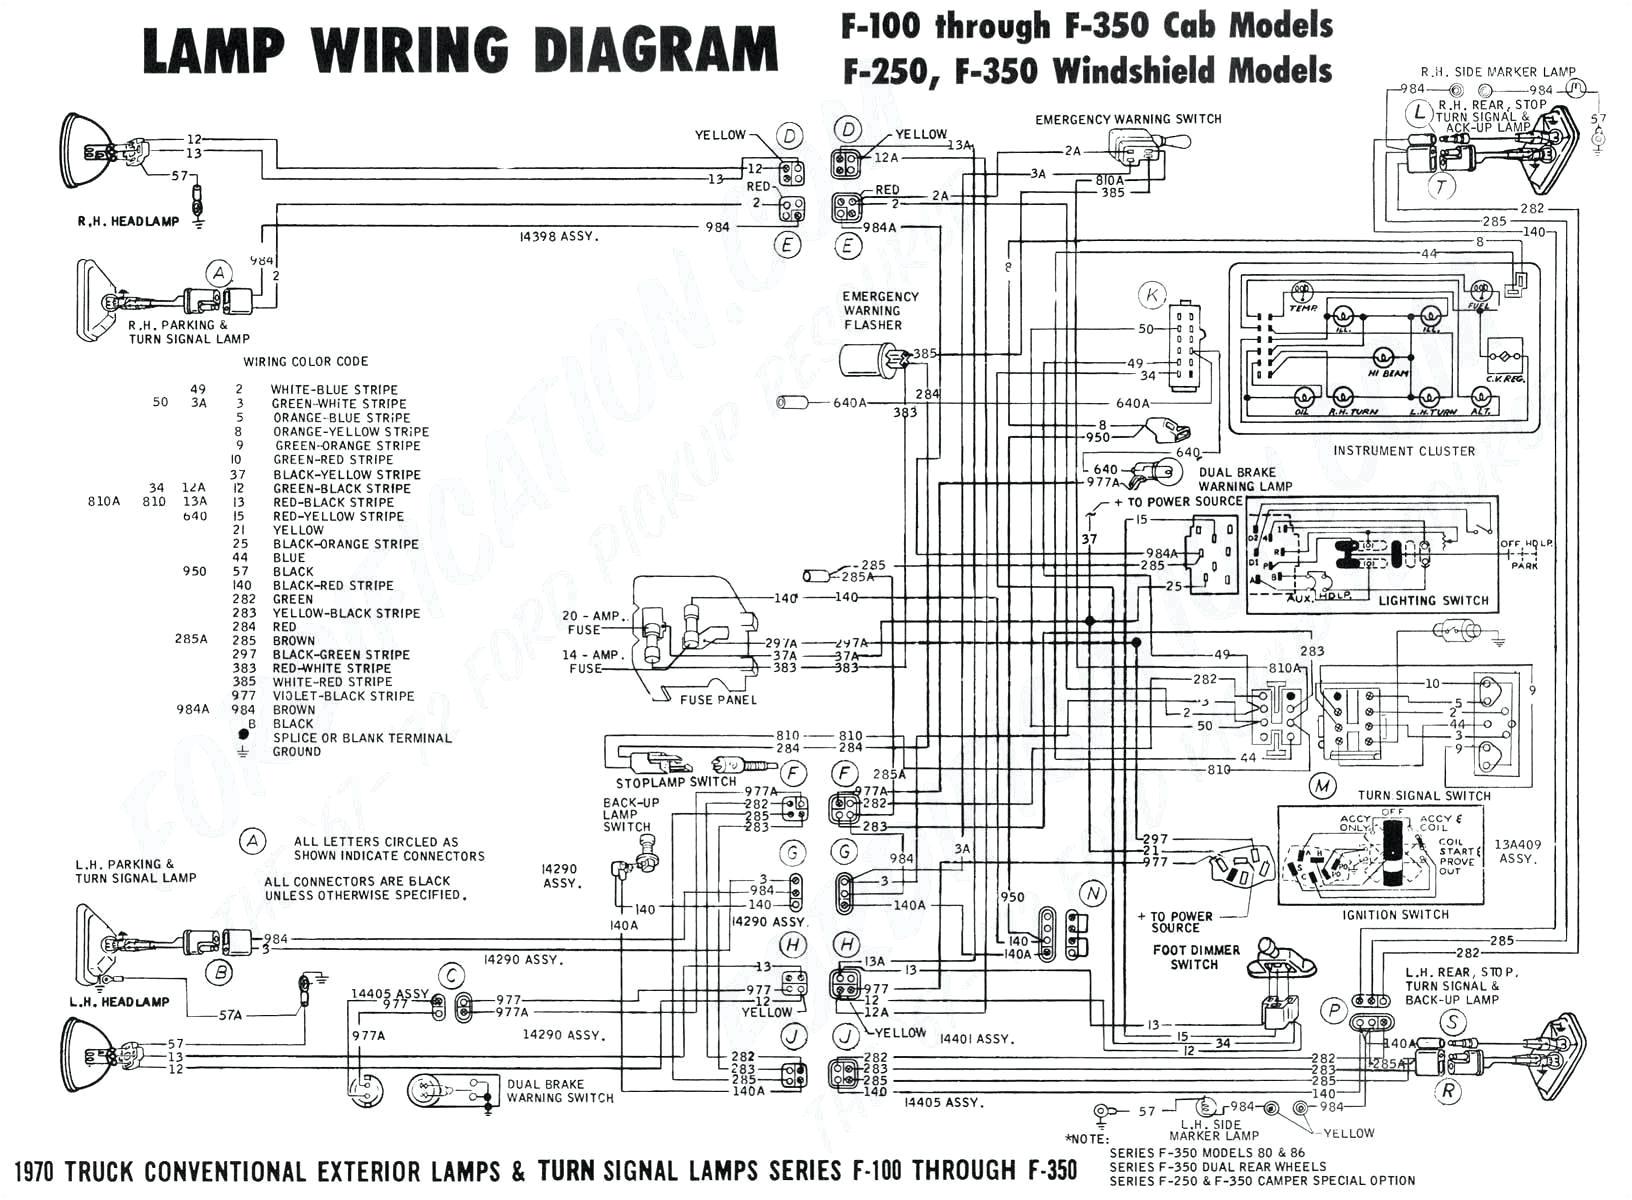 Bridgeport Milling Machine Wiring Diagram Lighting Electrical Wiring Honda Civic Wagon Wiring Diagram Val